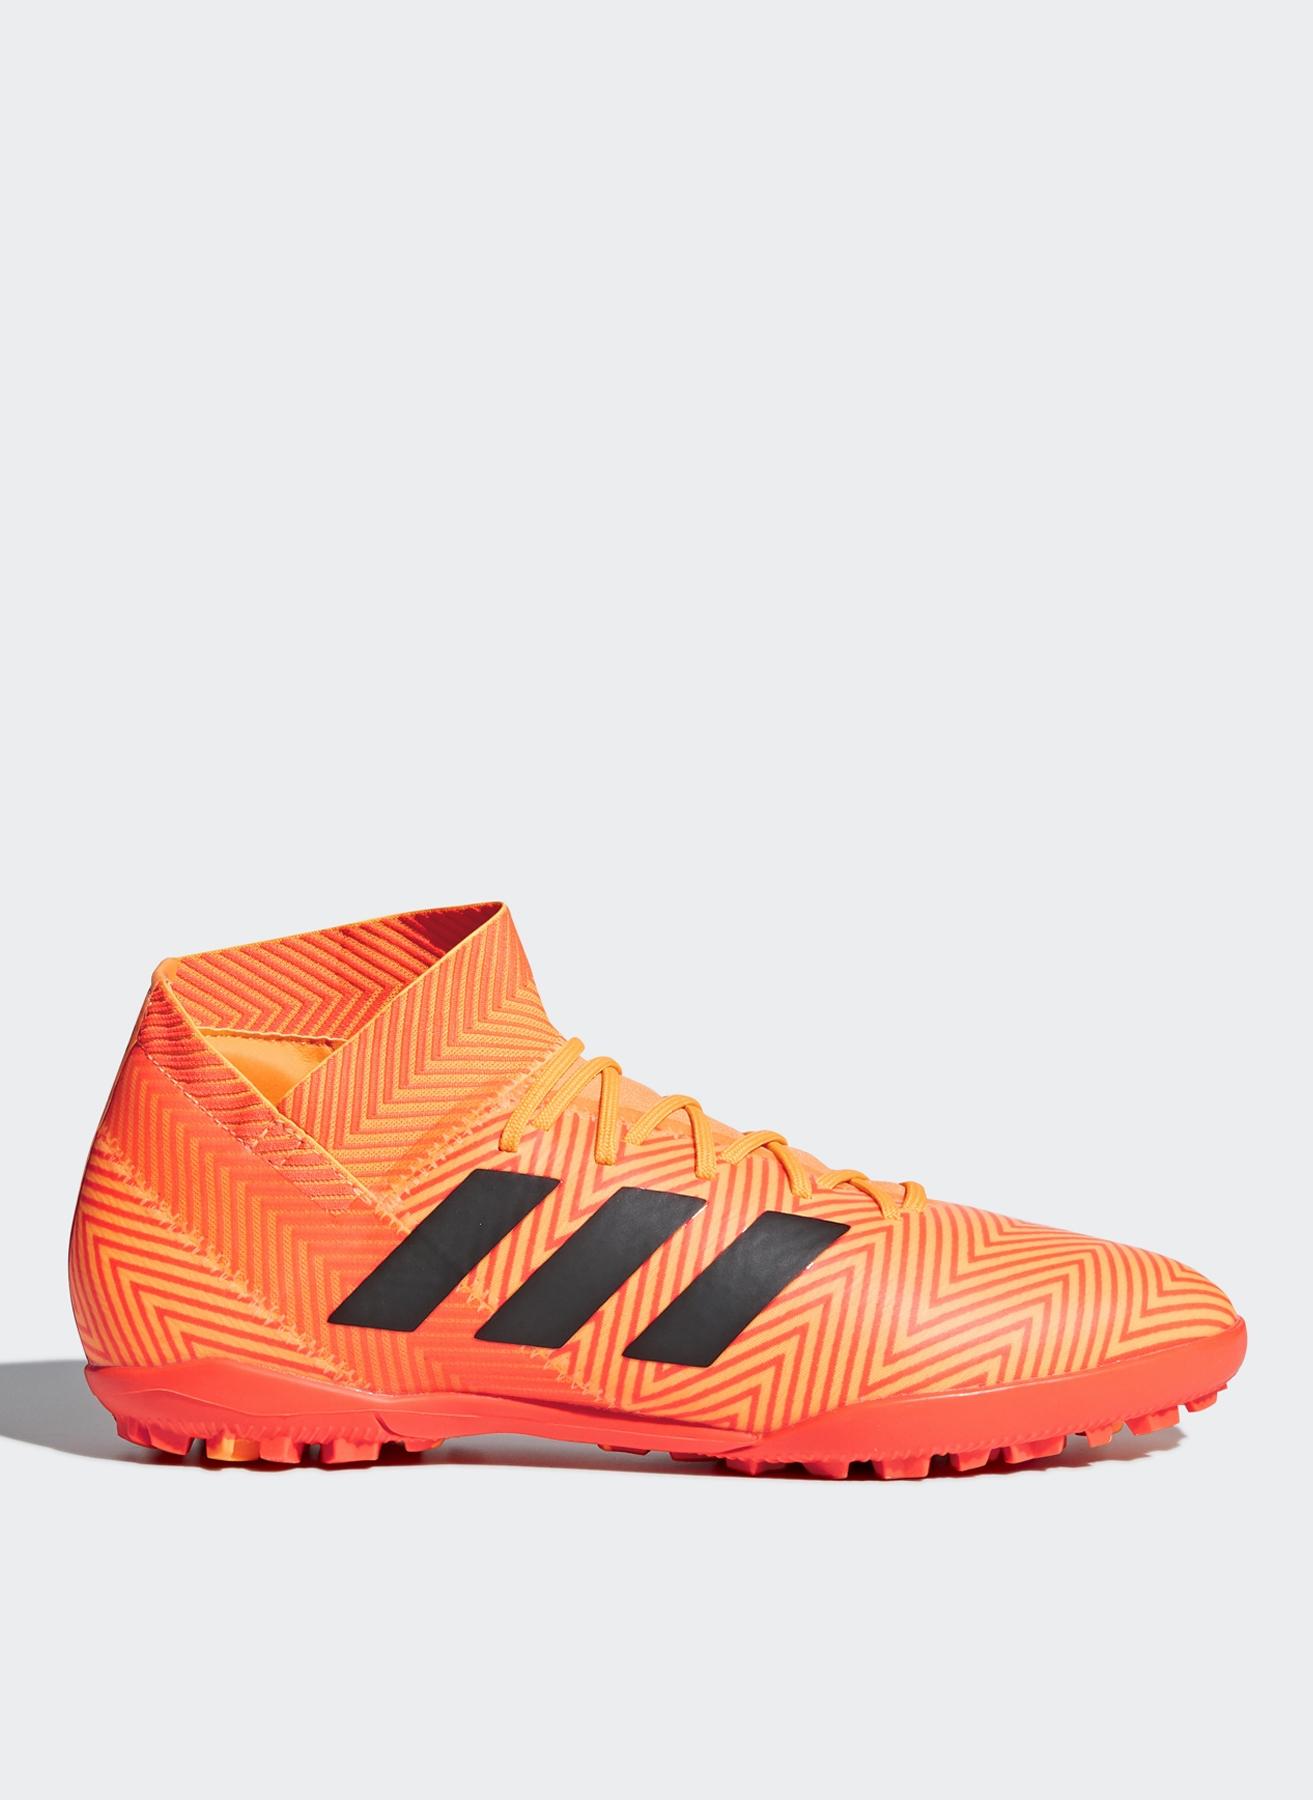 adidas Nemeziz Tango 18.3 Tf Futbol Ayakkabısı 44.5 5000430115007 Ürün Resmi